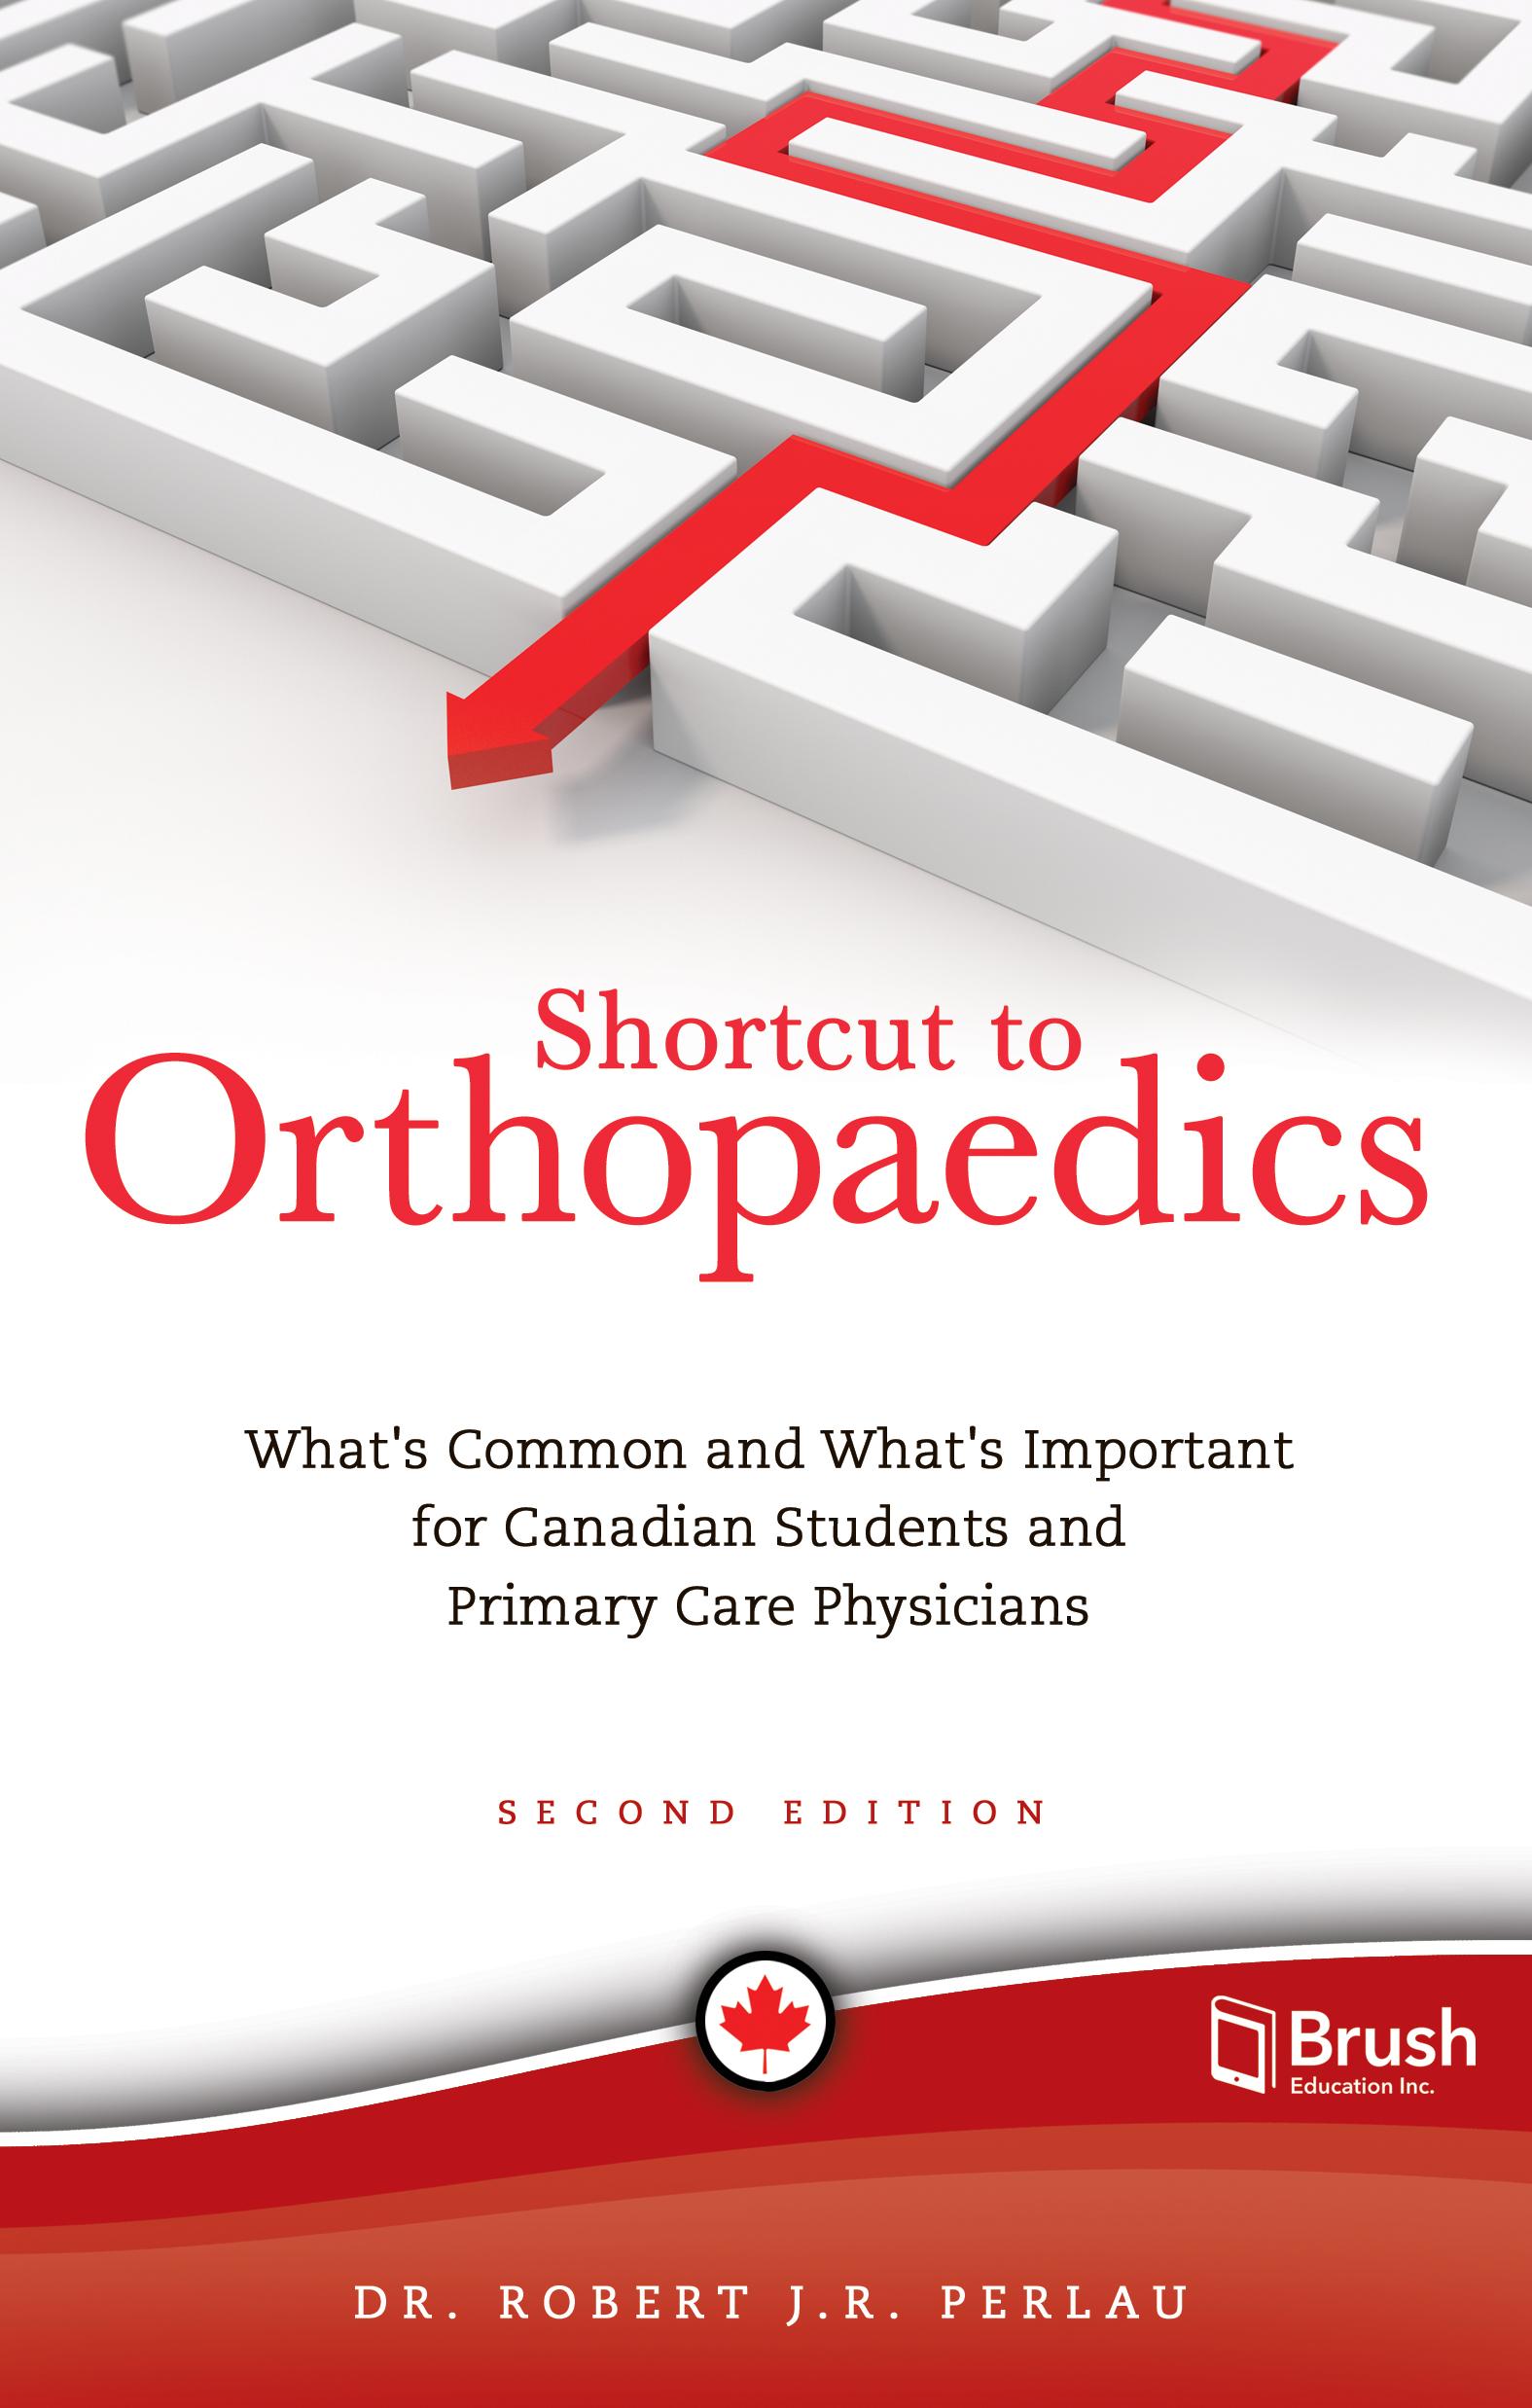 Shortcut to Orthopaedics